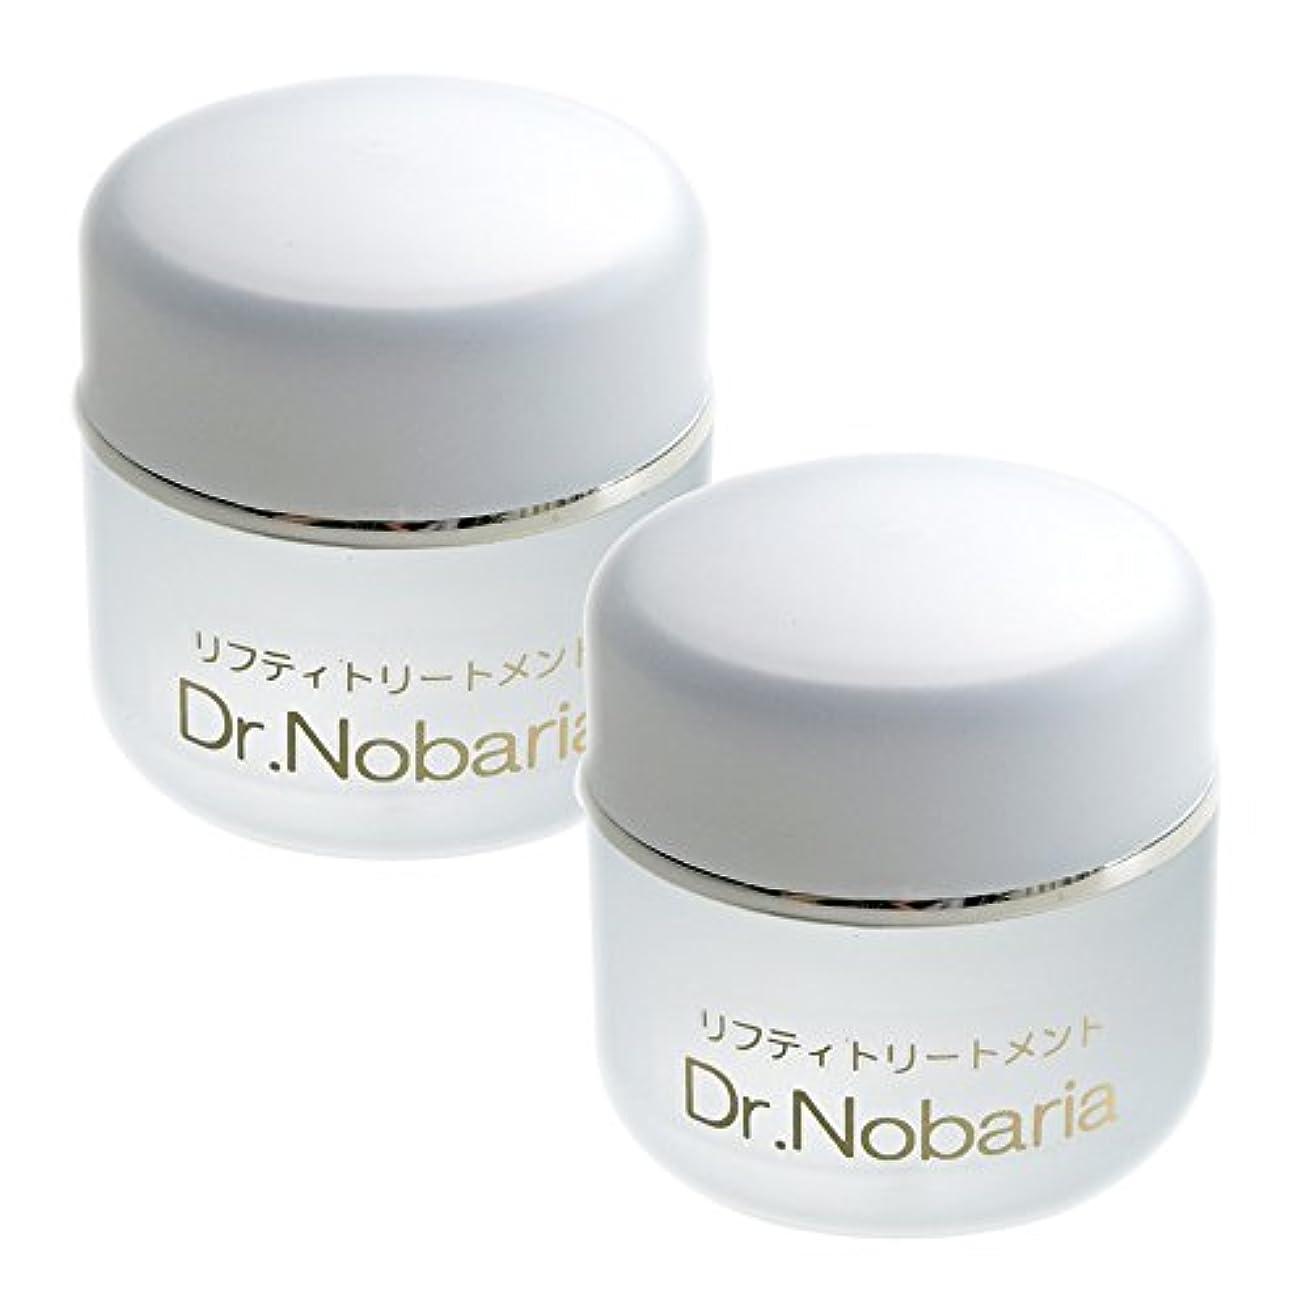 かまどサーキットに行くつまずくNatural Pure ノバリアスキンケア ノバリアジェルクリーム 保湿 無香料 無着色 (30g×2個)